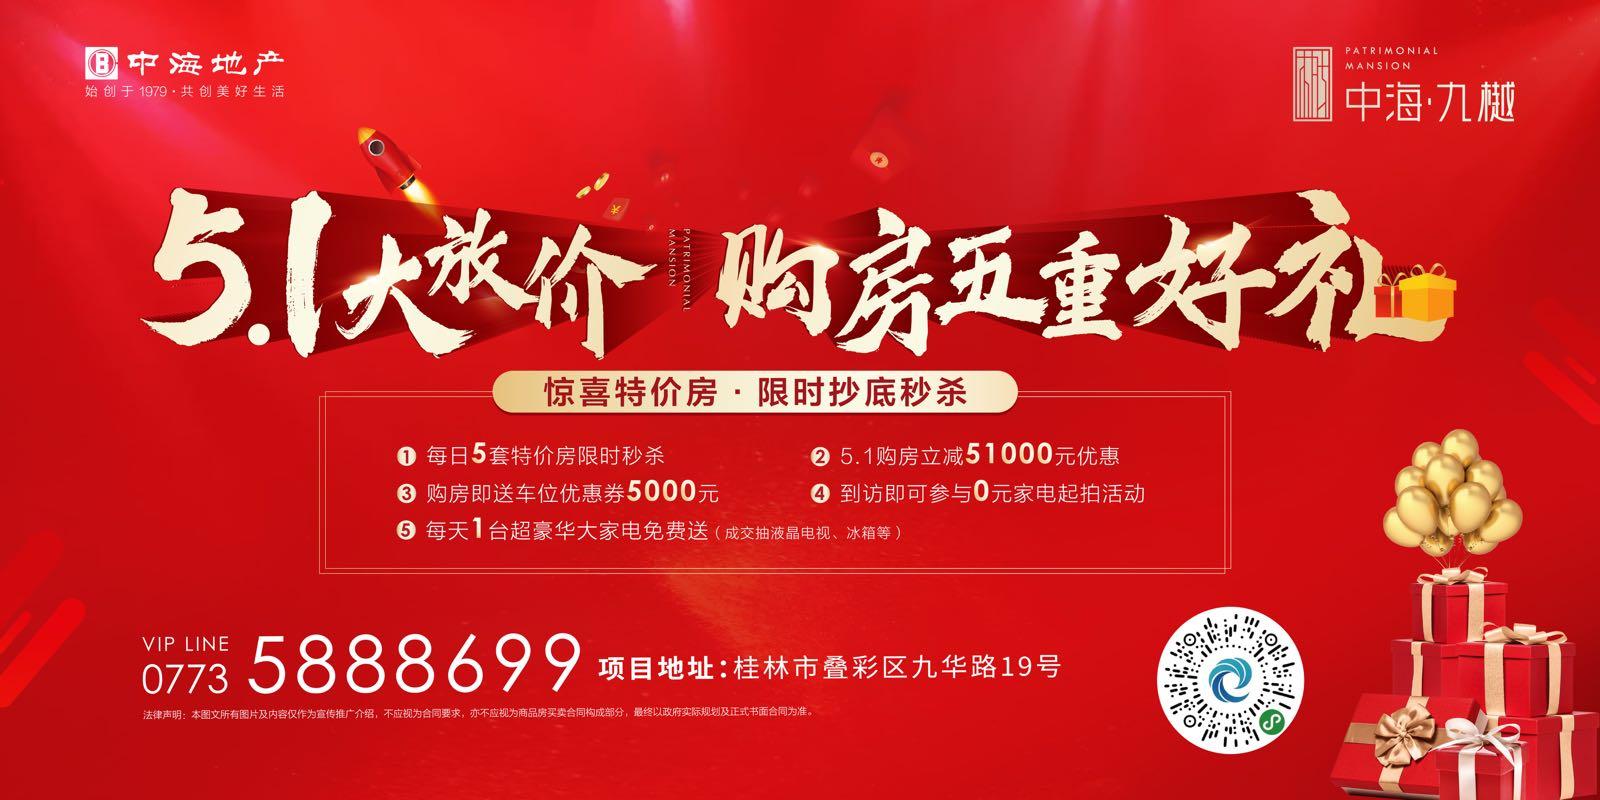 中海·九樾5.1大放价,购房五重好礼